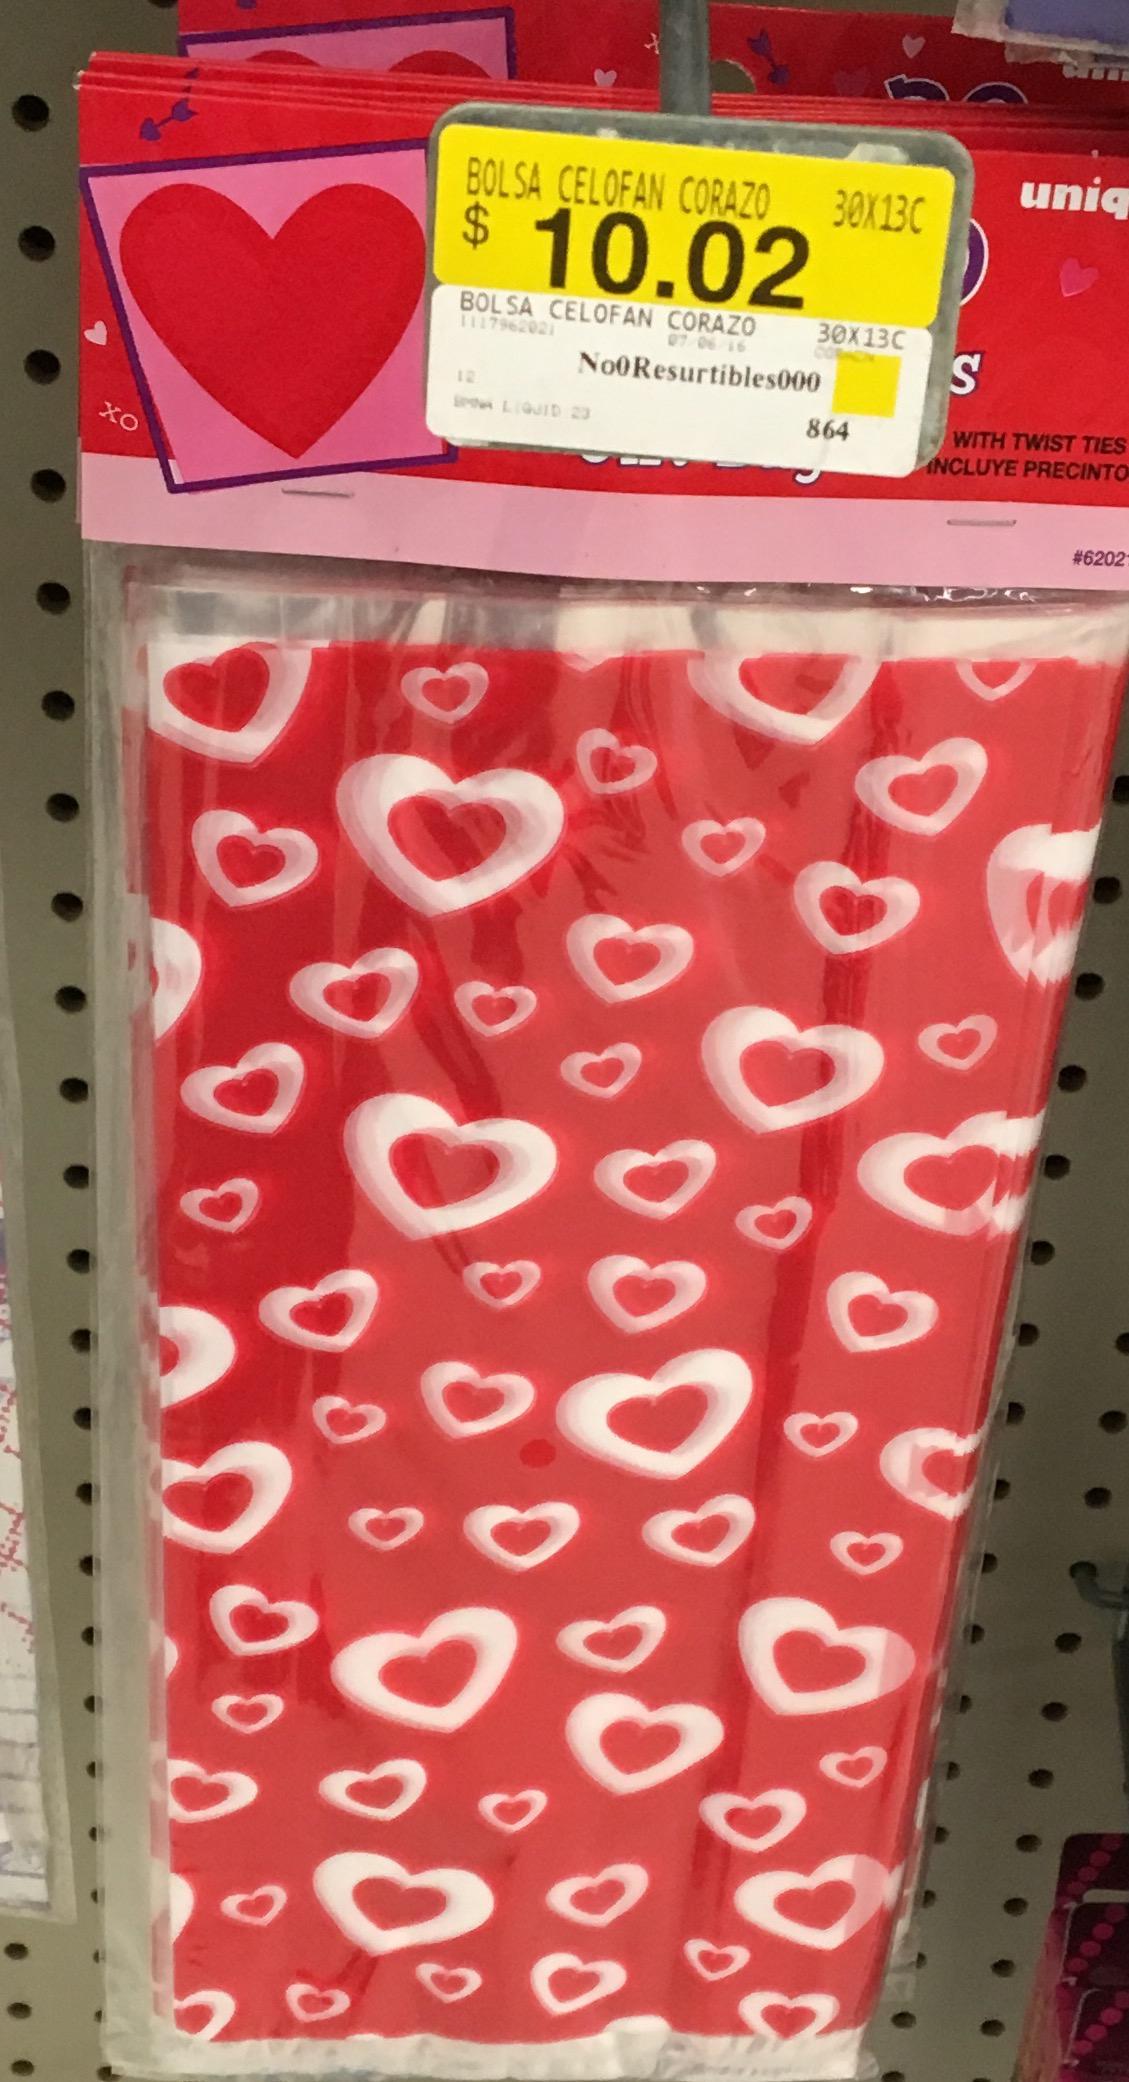 Walmart Suc. Miramontes (CDMX): 30 bolsas de celofán con corazones